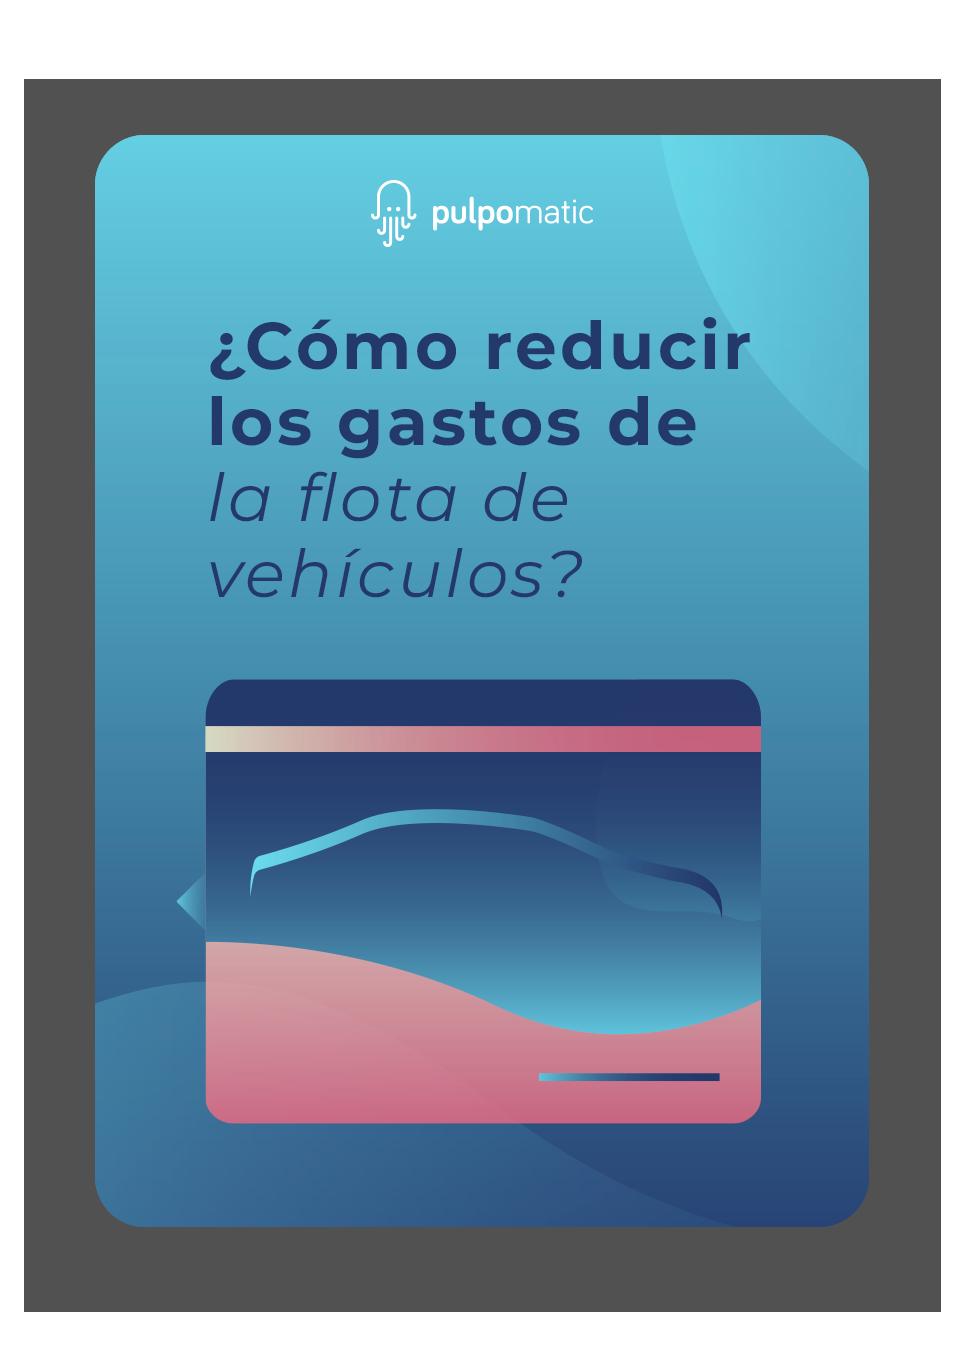 Portada_Guía_cómo-reducir-los-gastos-de-la-flota-de-vehículos_880x1244_v2